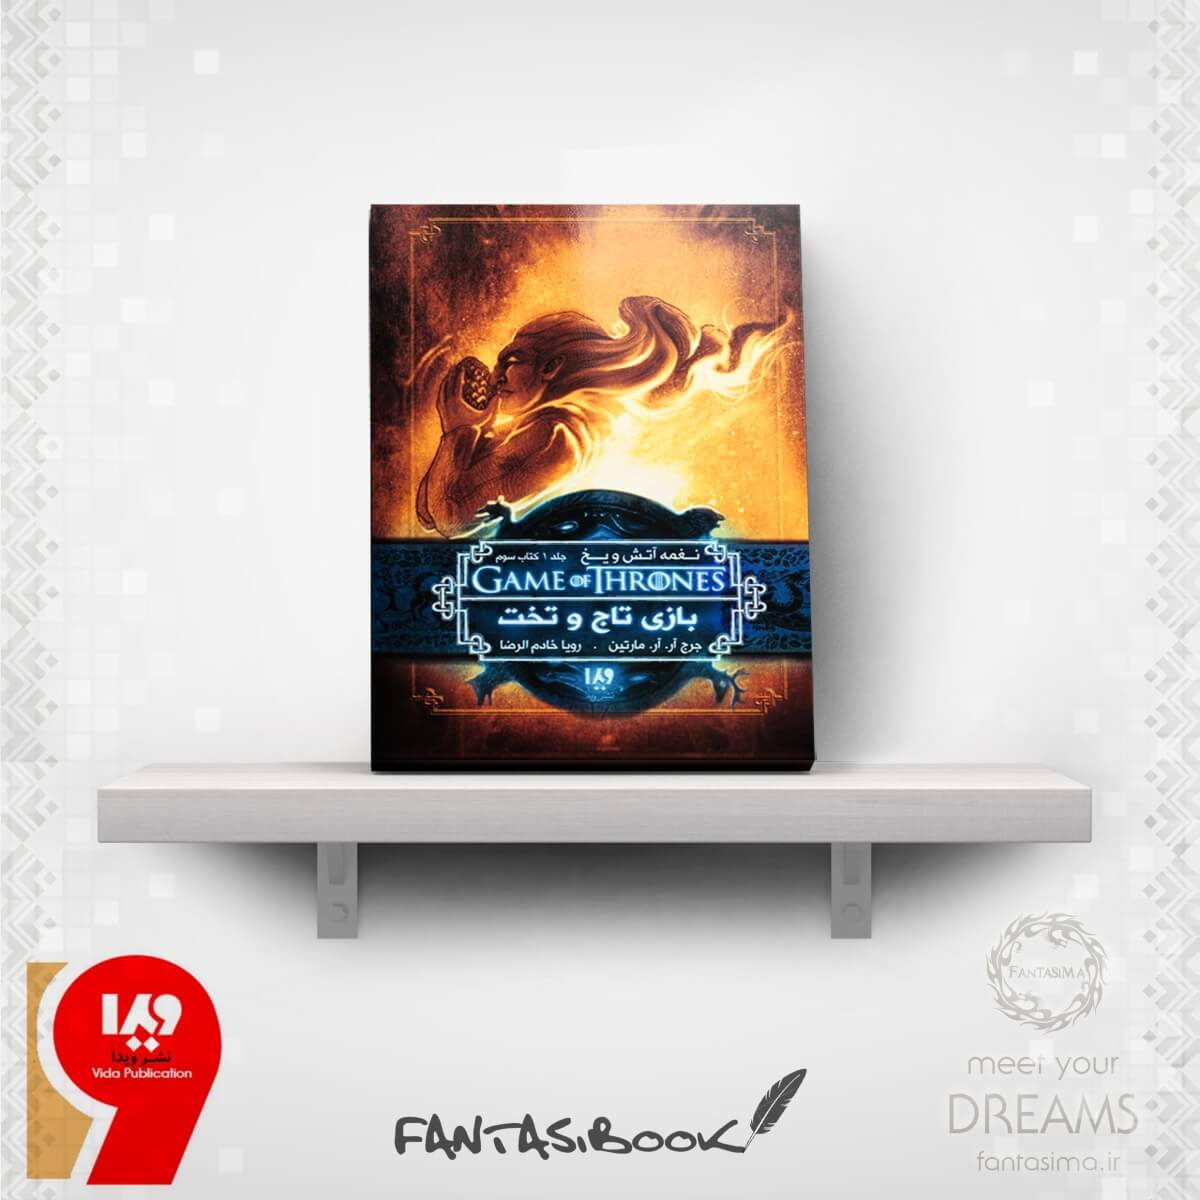 کتاب نغمه آتش و یخ - جلد 03 - بازی تاج و تخت 3